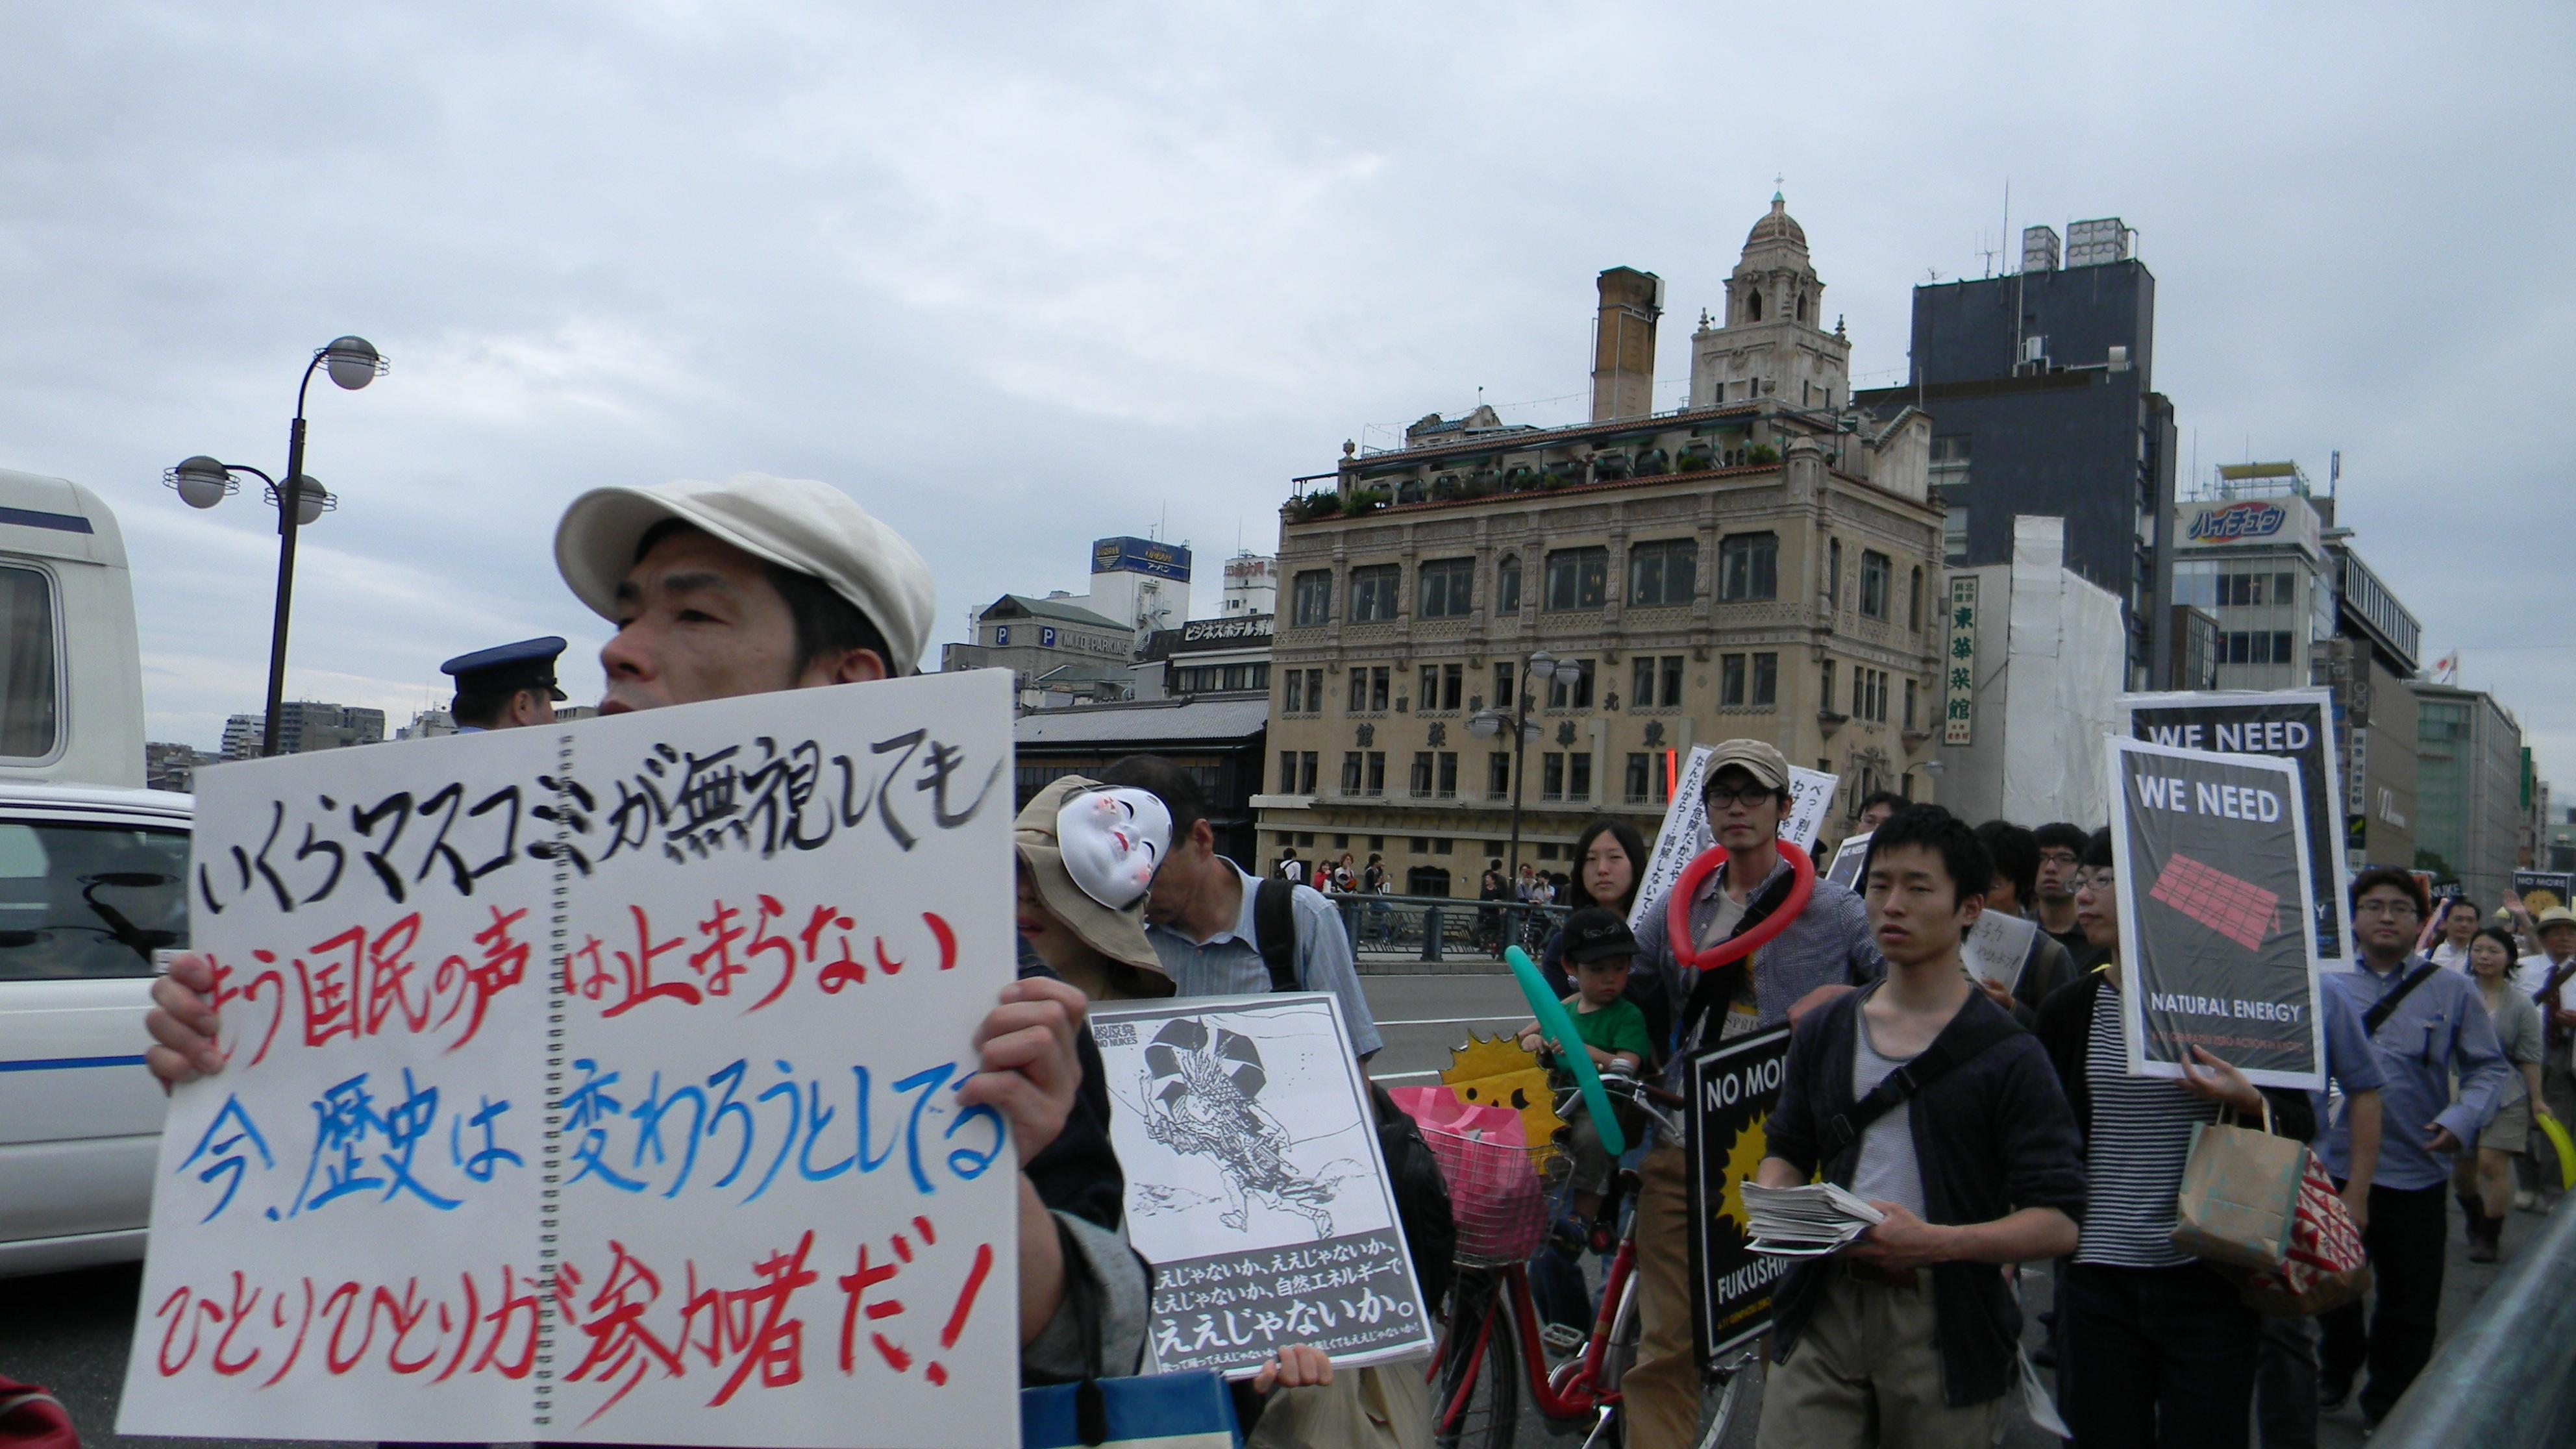 Sono molti i giovani, noti per essere politicamente poco attivi in Giappone, a alzare la voce. Si sentono direttamente minacciati e in tanti si sono svegliati per rivedere il proprio stile di vita.